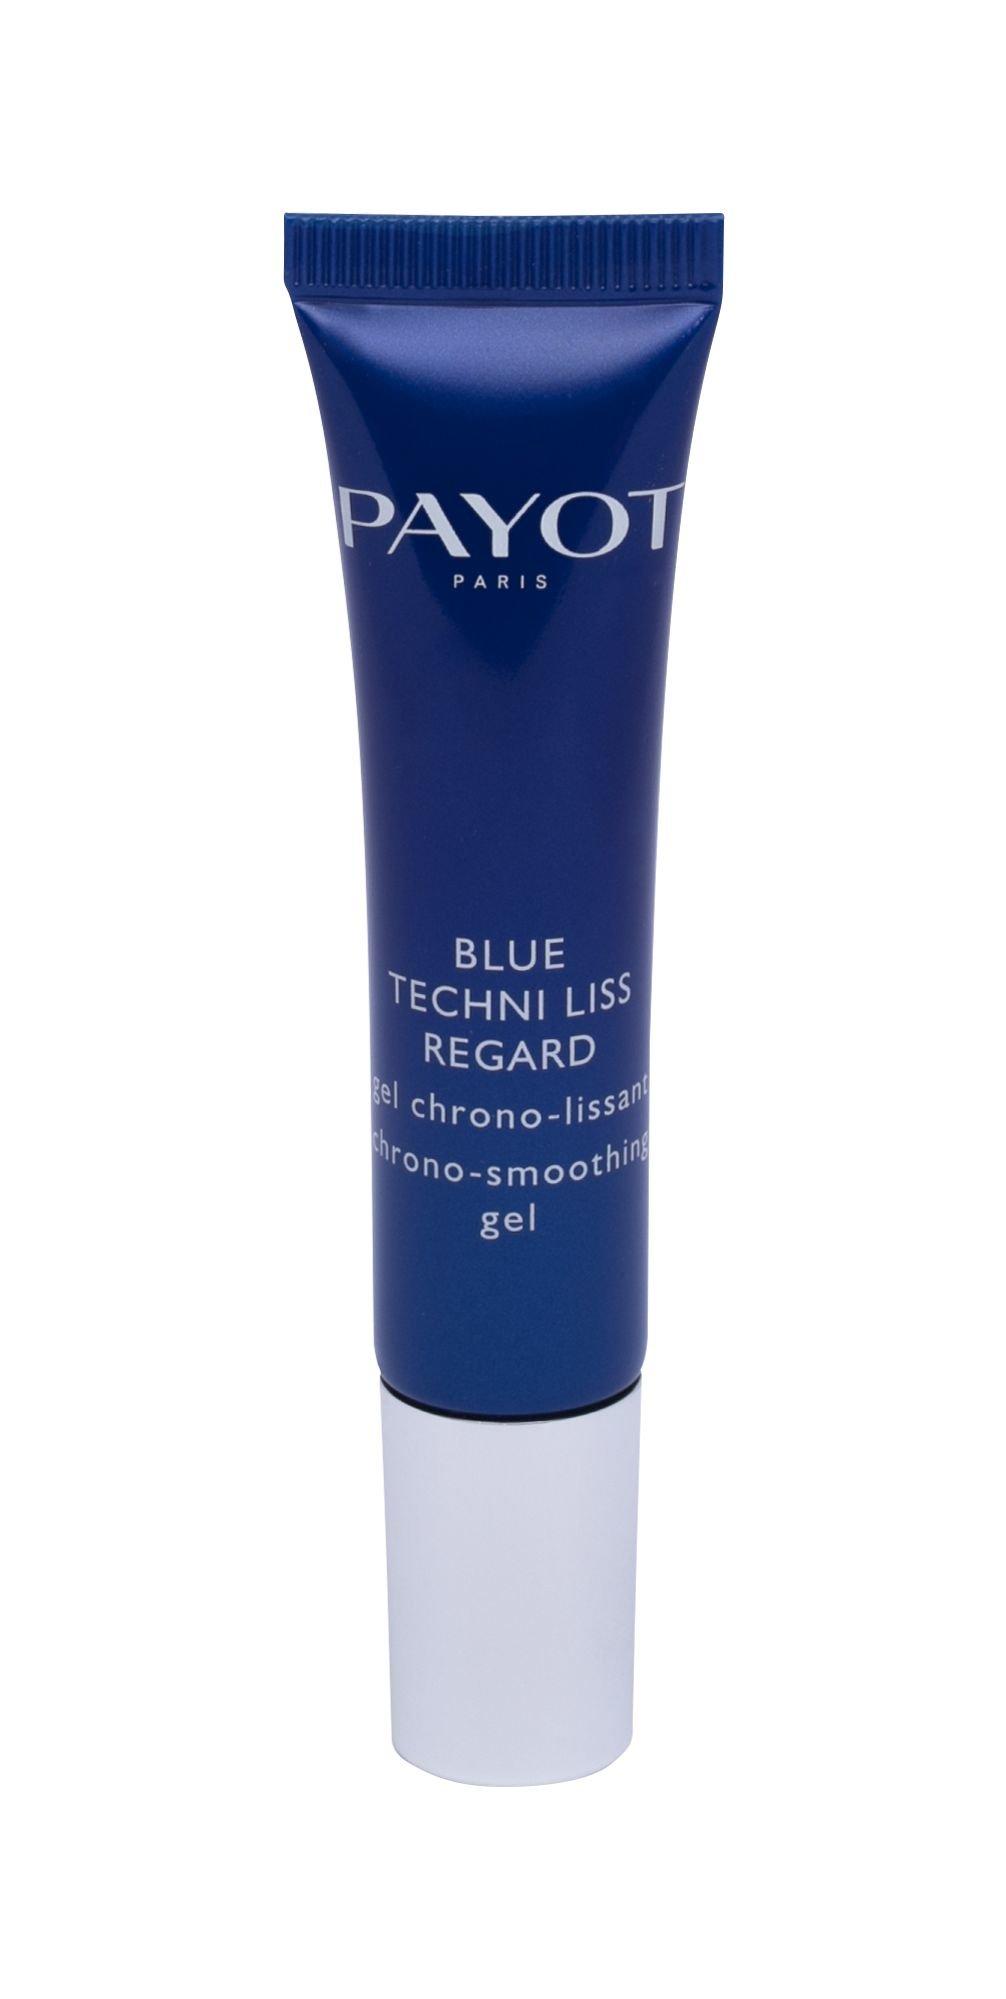 PAYOT Blue Techni Liss Eye Gel 15ml